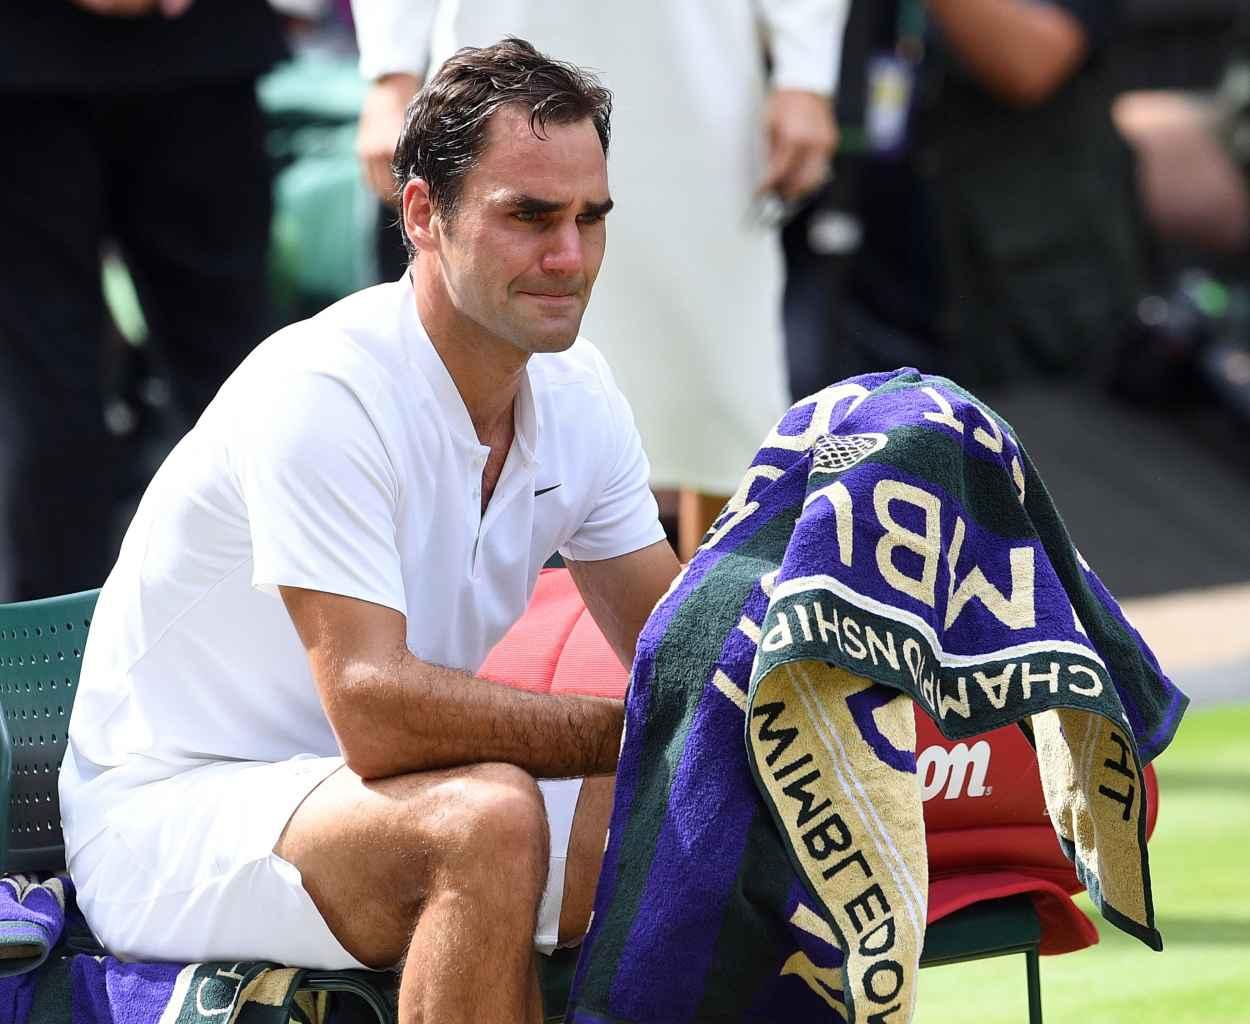 Federer-Wimbledon-VersiónFinal.jpg